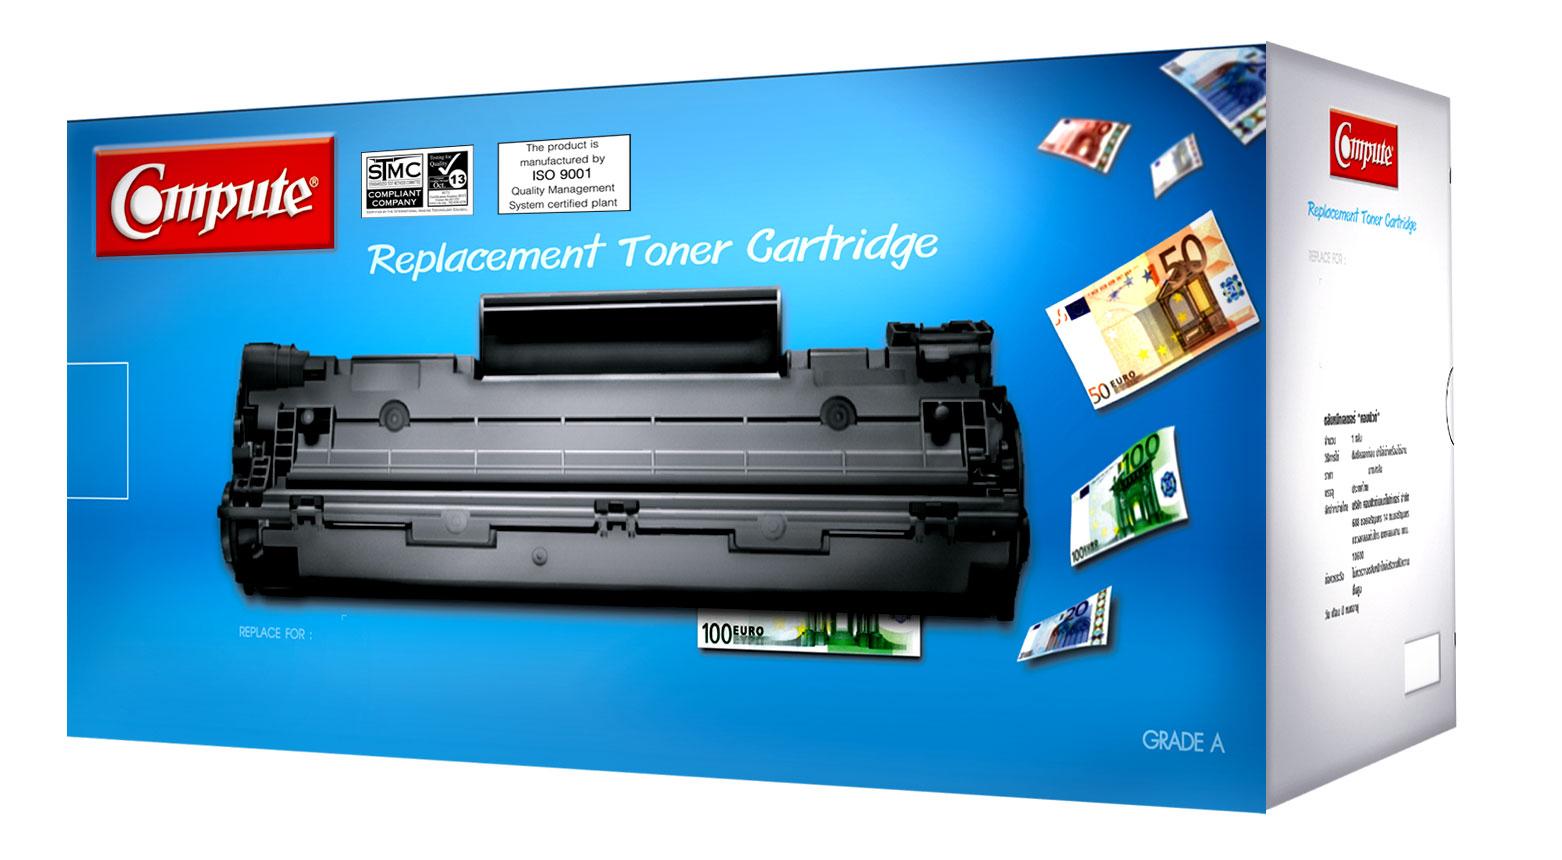 ตลับหมึกเลเซอร์ Samsung CLP-M300A (Magenta) Compute (Toner Cartridge)